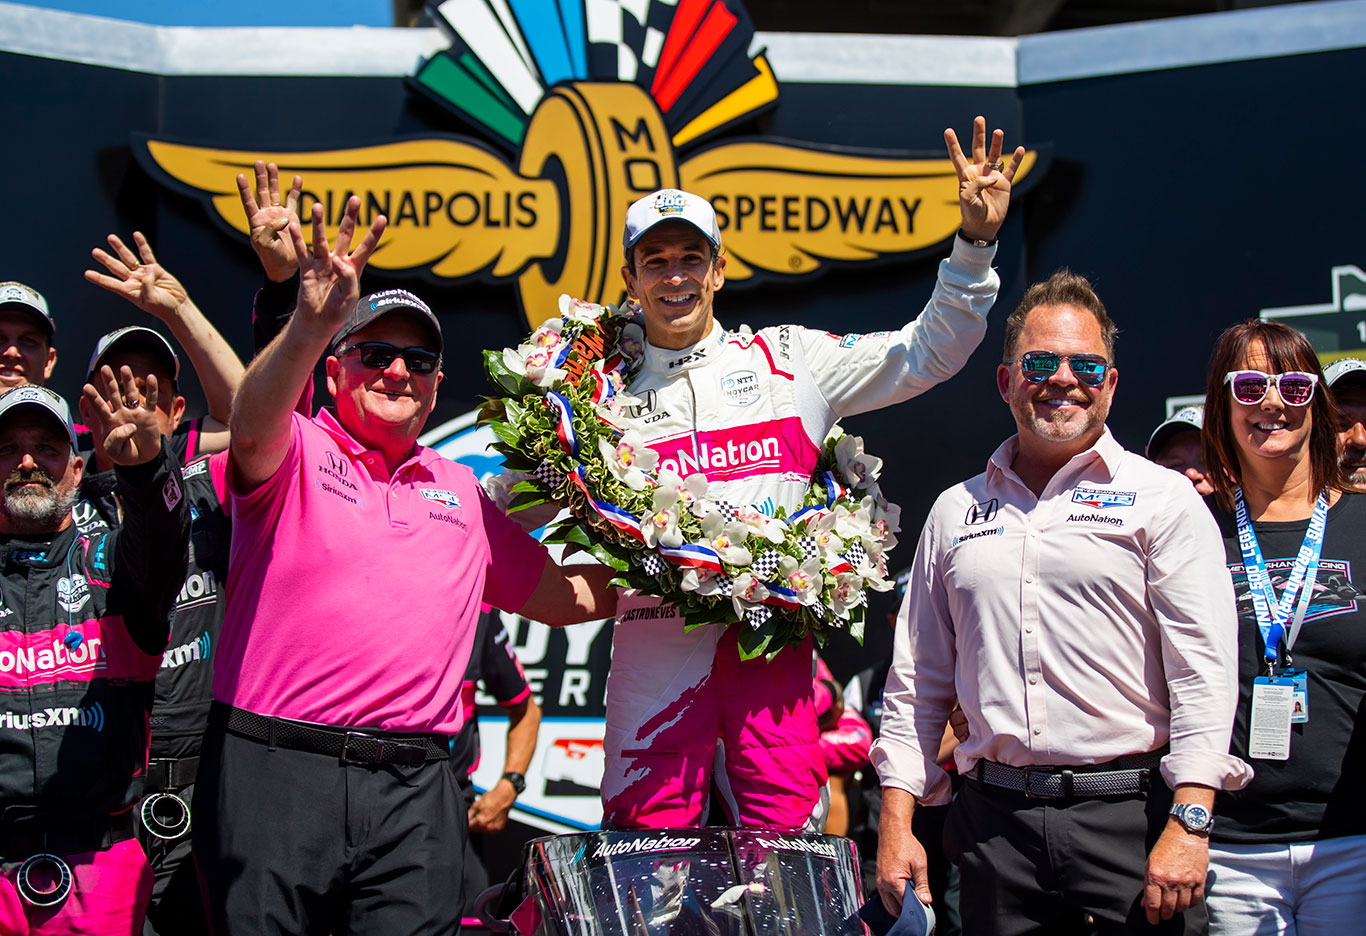 Helio Castroneves venceu a prova mais importante da Fórmula Indy (Foto: Mark J. Rebilas/USA TODAY Sports)